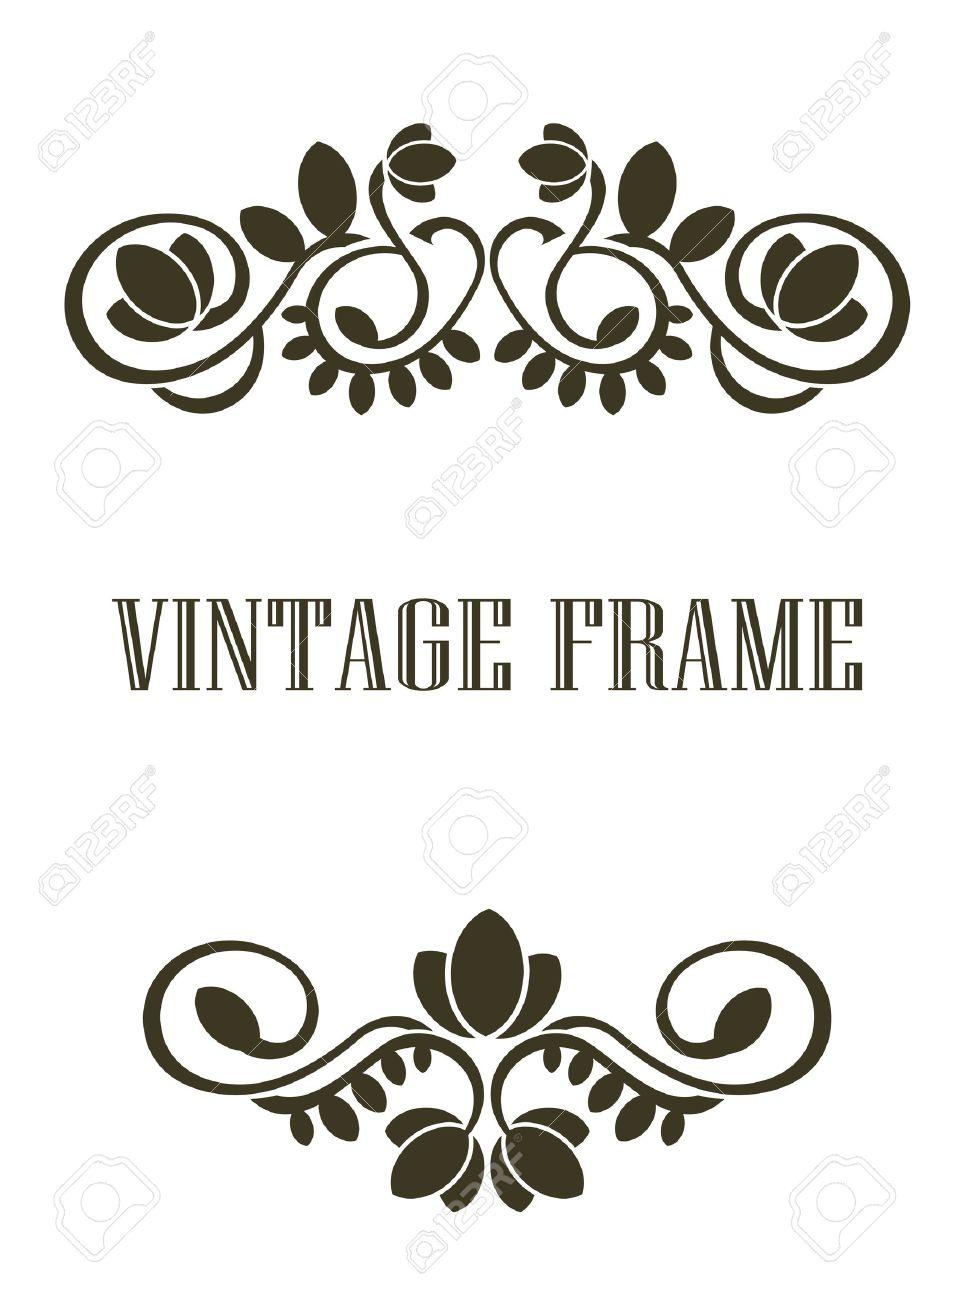 Schwarz Und Kalligraphische Vintage-Frame-Rahmen-Elemente Oder Kopf ...